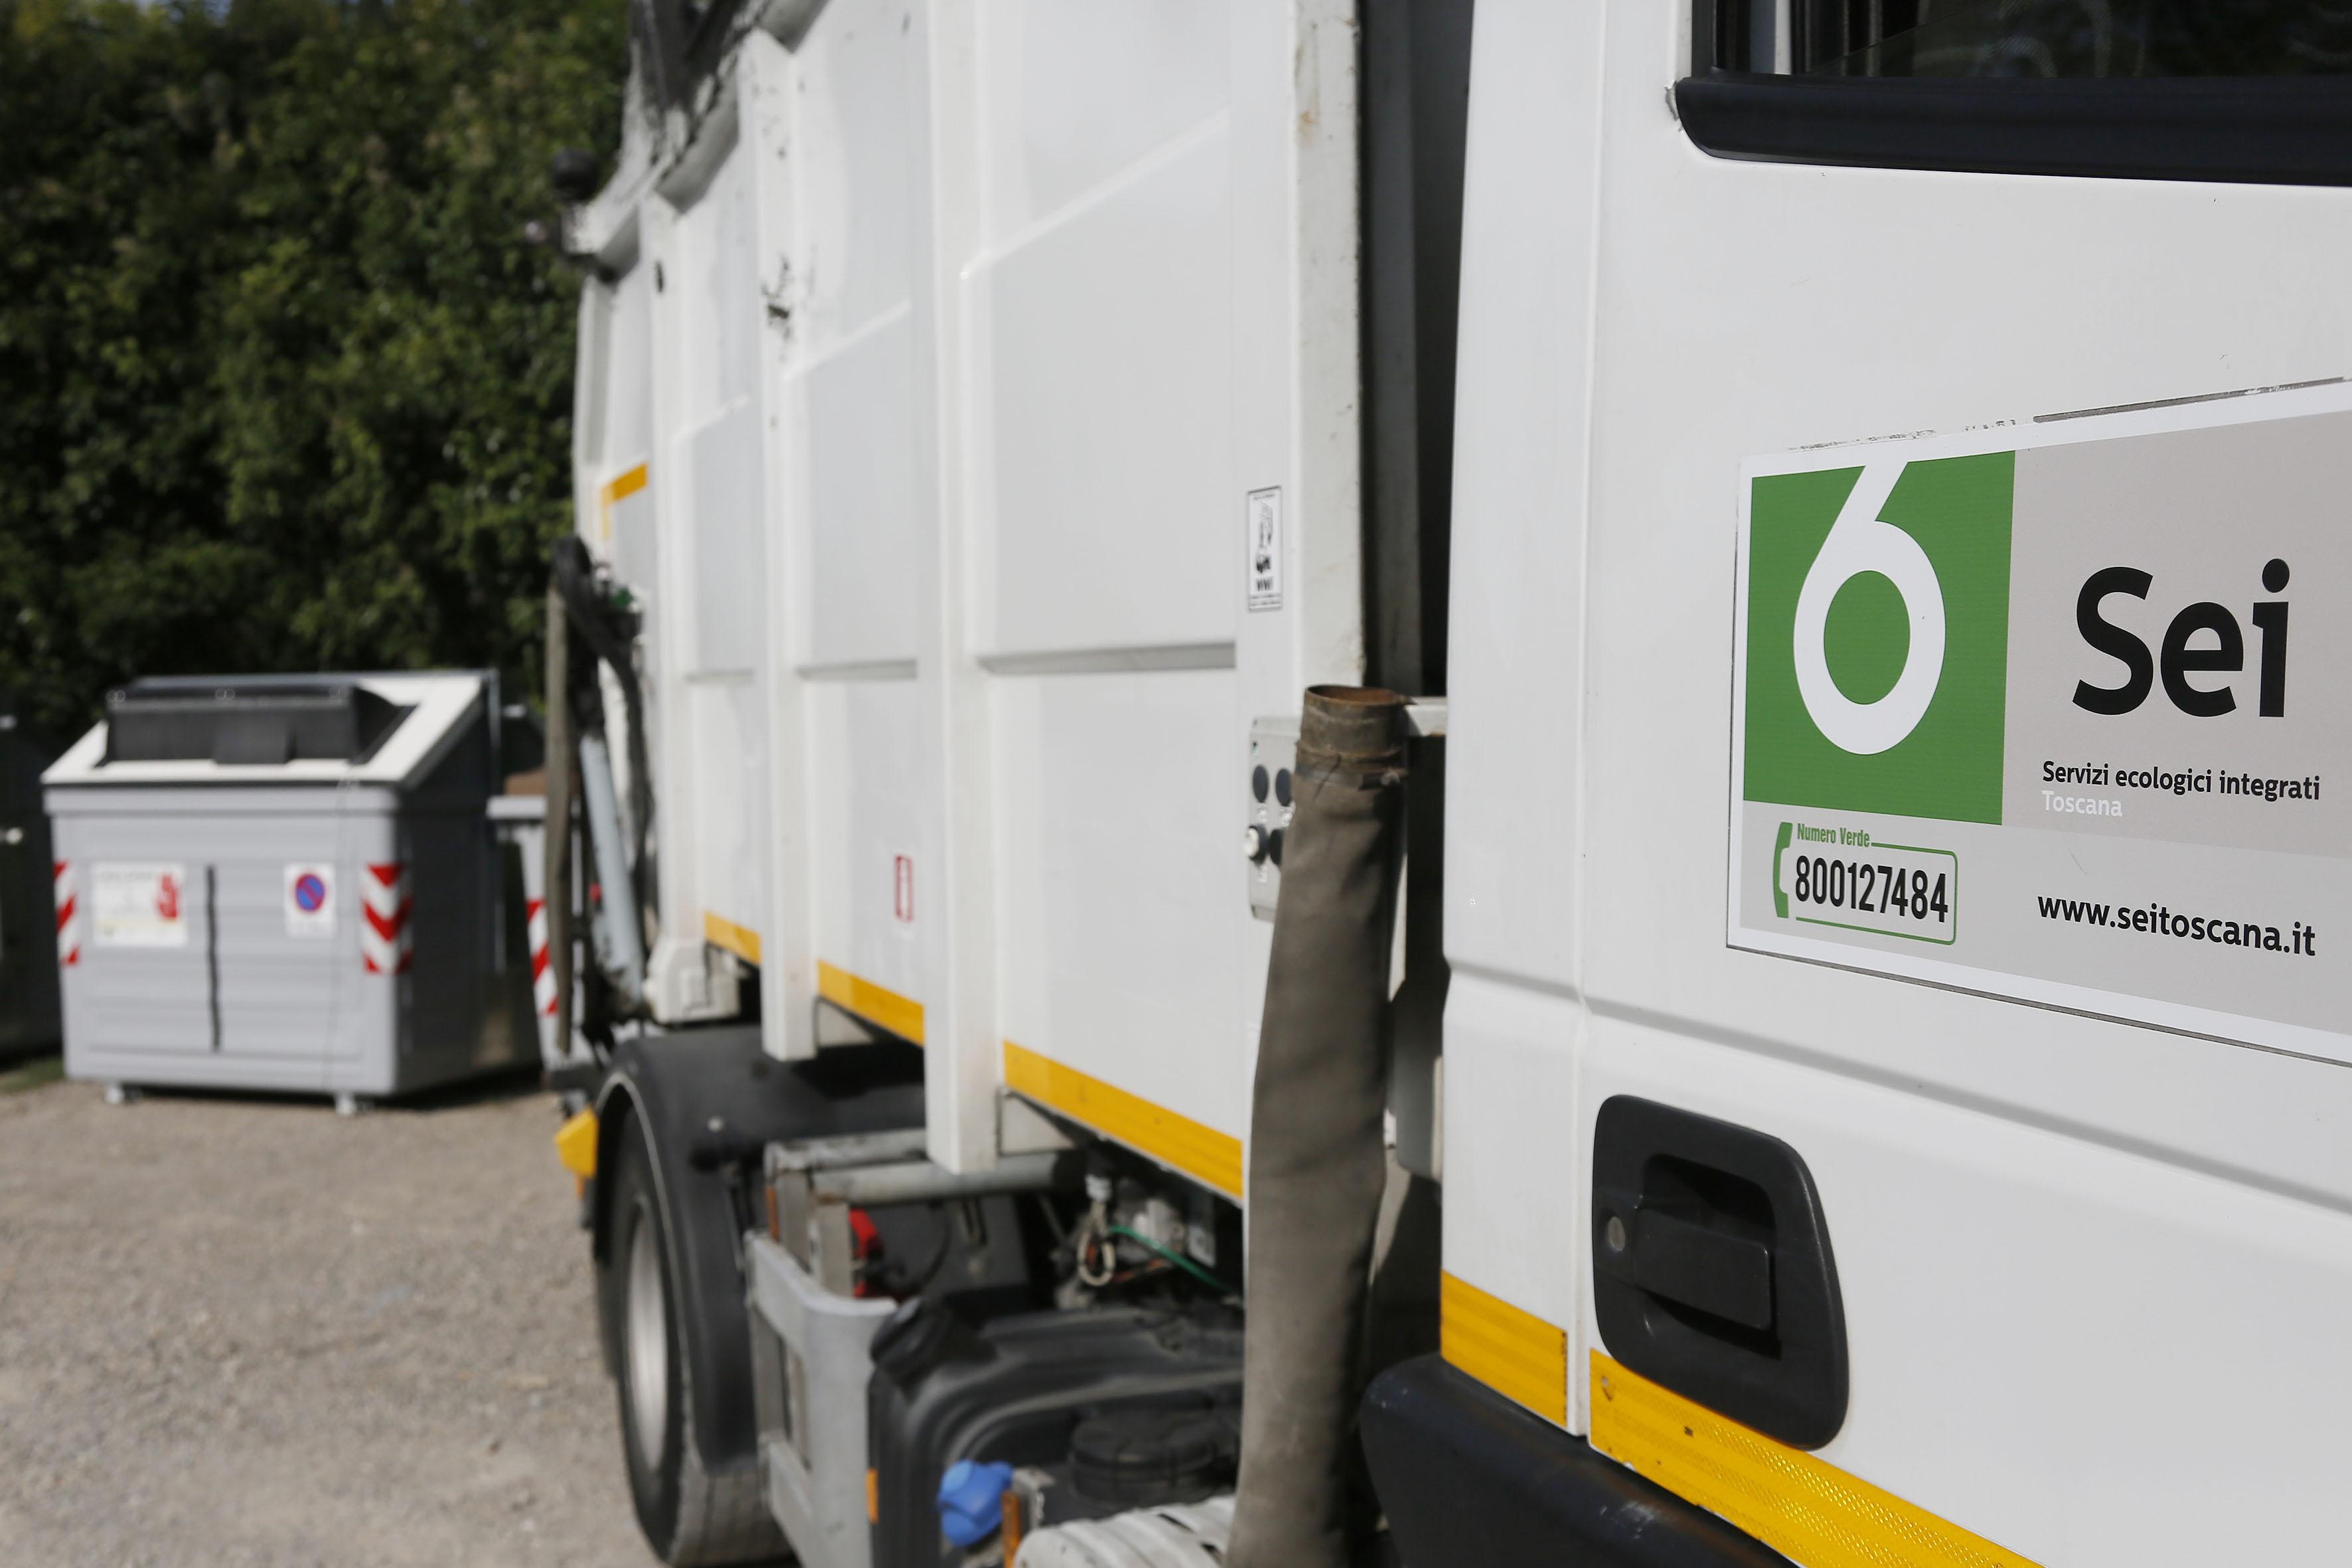 San Gimignano, riorganizzazione della raccolta rifiuti in Consiglio Comunale con intervento dei tecnici di Sei Toscana - agenzia Impress